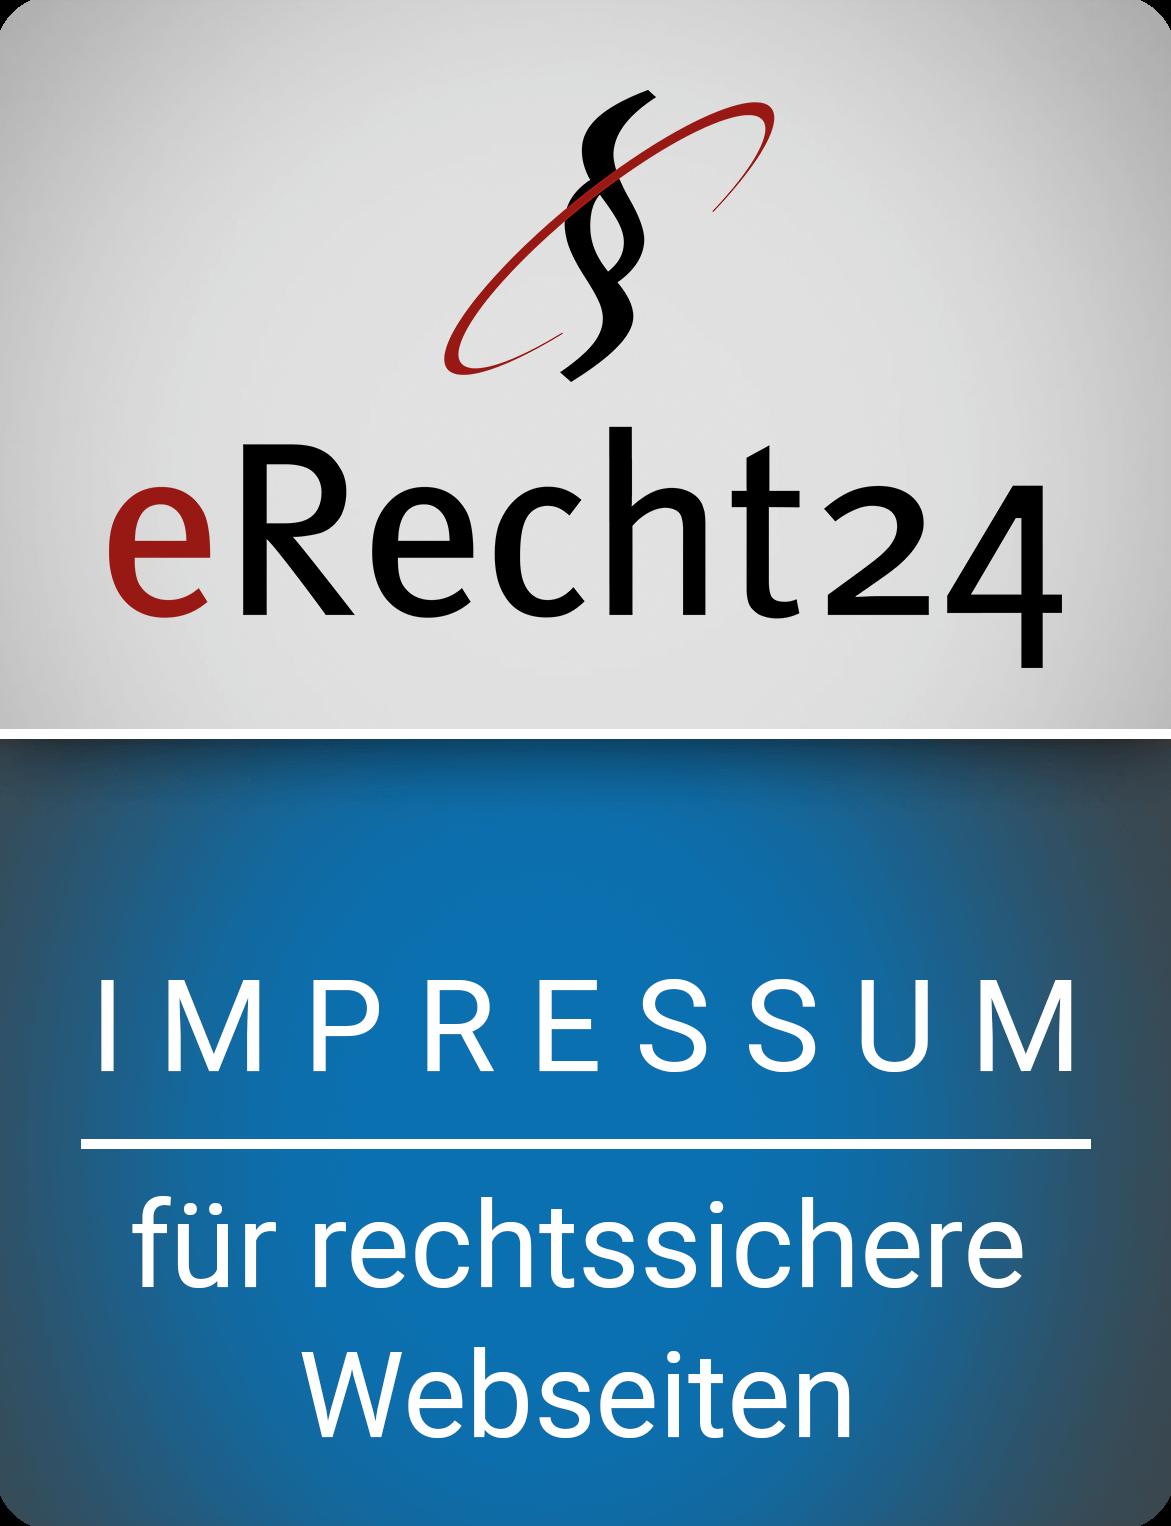 erecht24-siegel-impressum-blau-gross.png